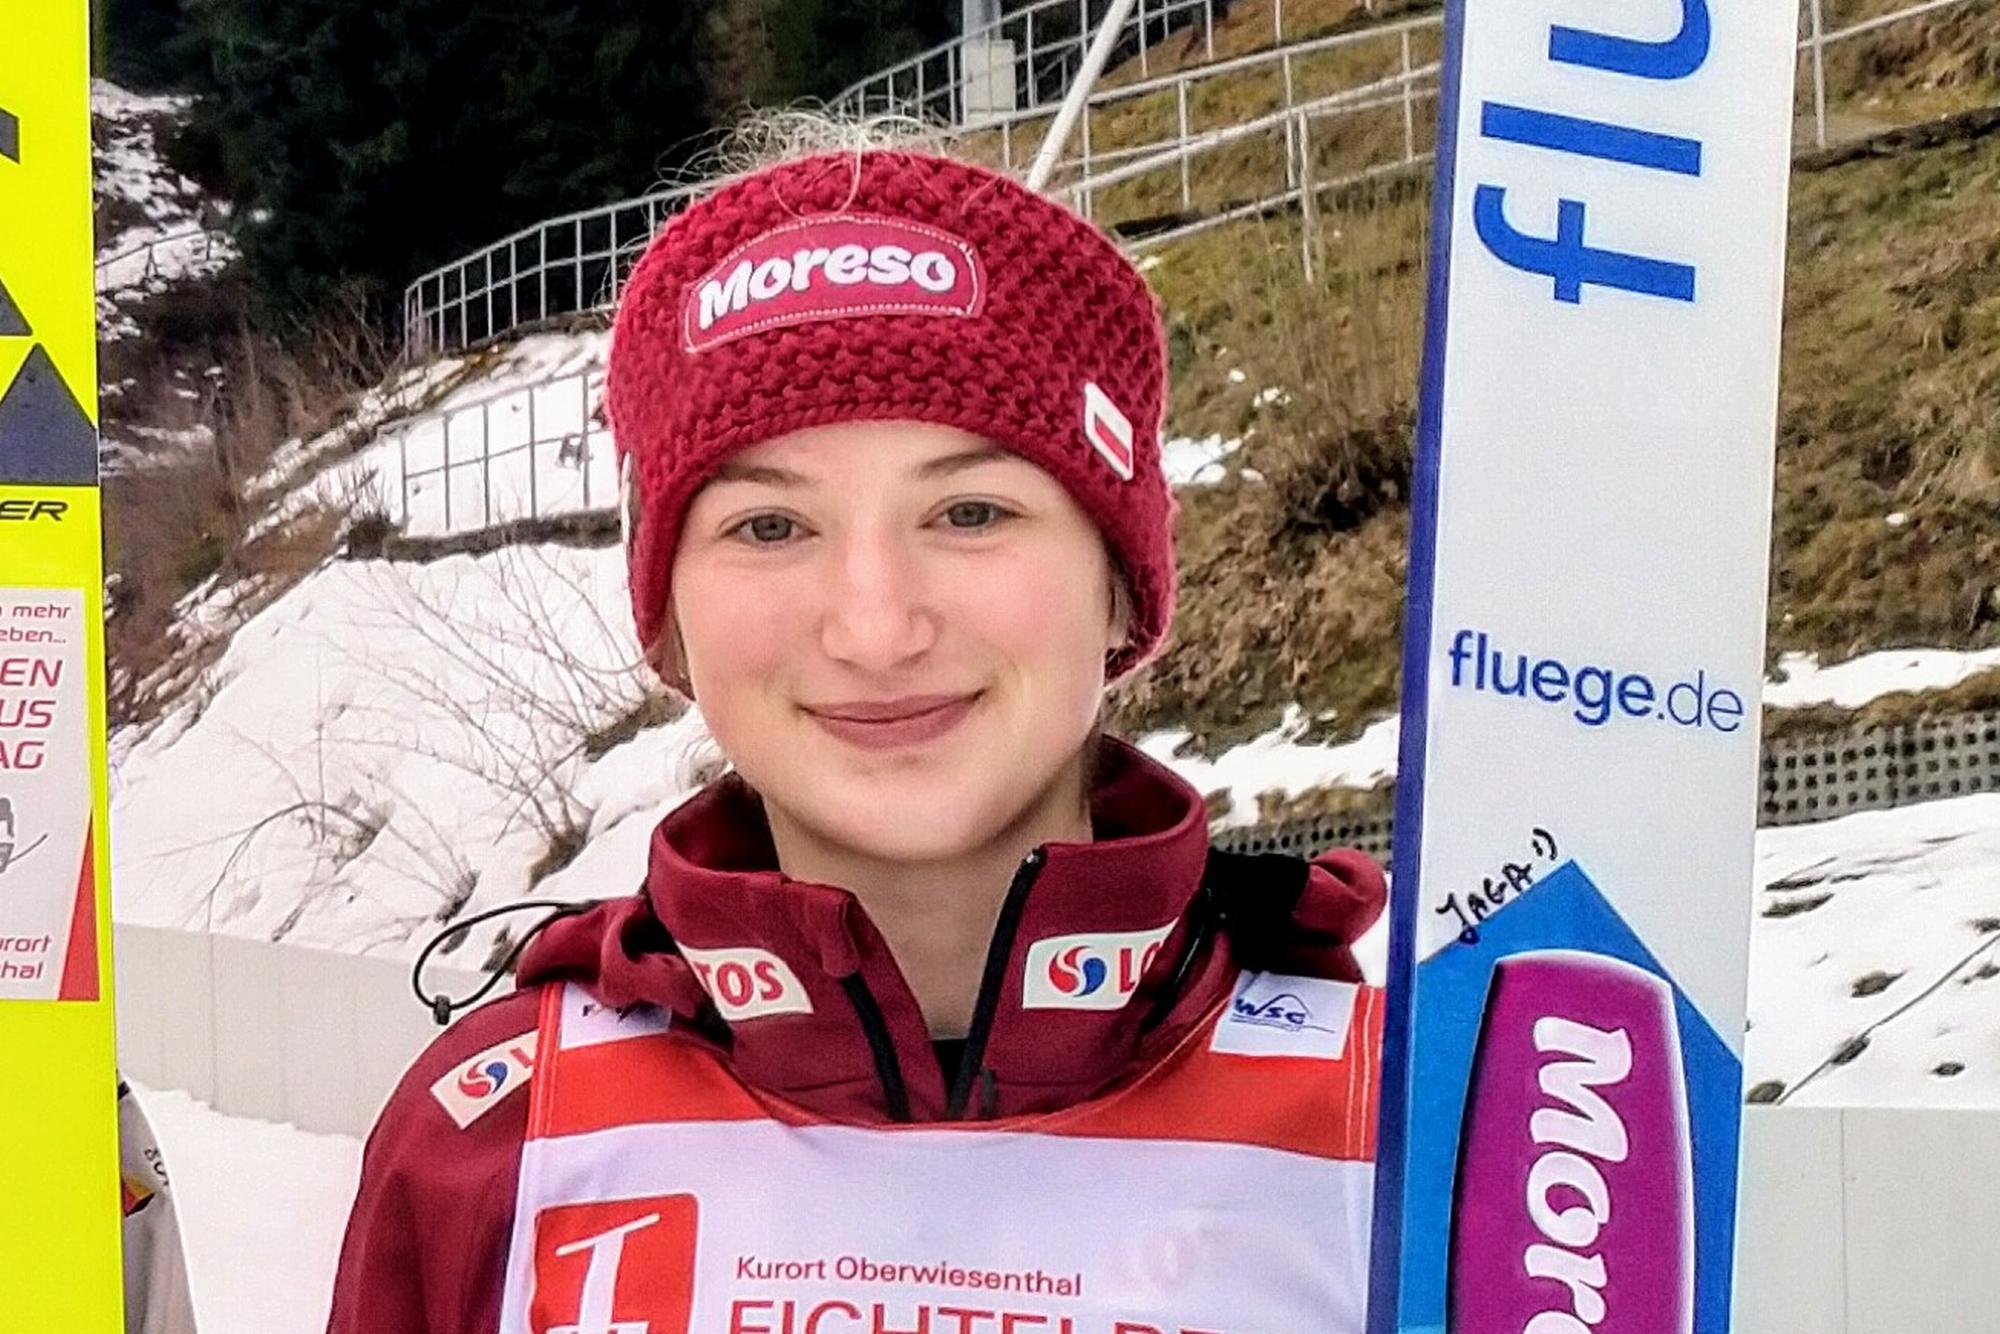 PŚ Pań Sapporo: Triumf Kramer, rekord Lundby, Rajda z najlepszym wynikiem w karierze!